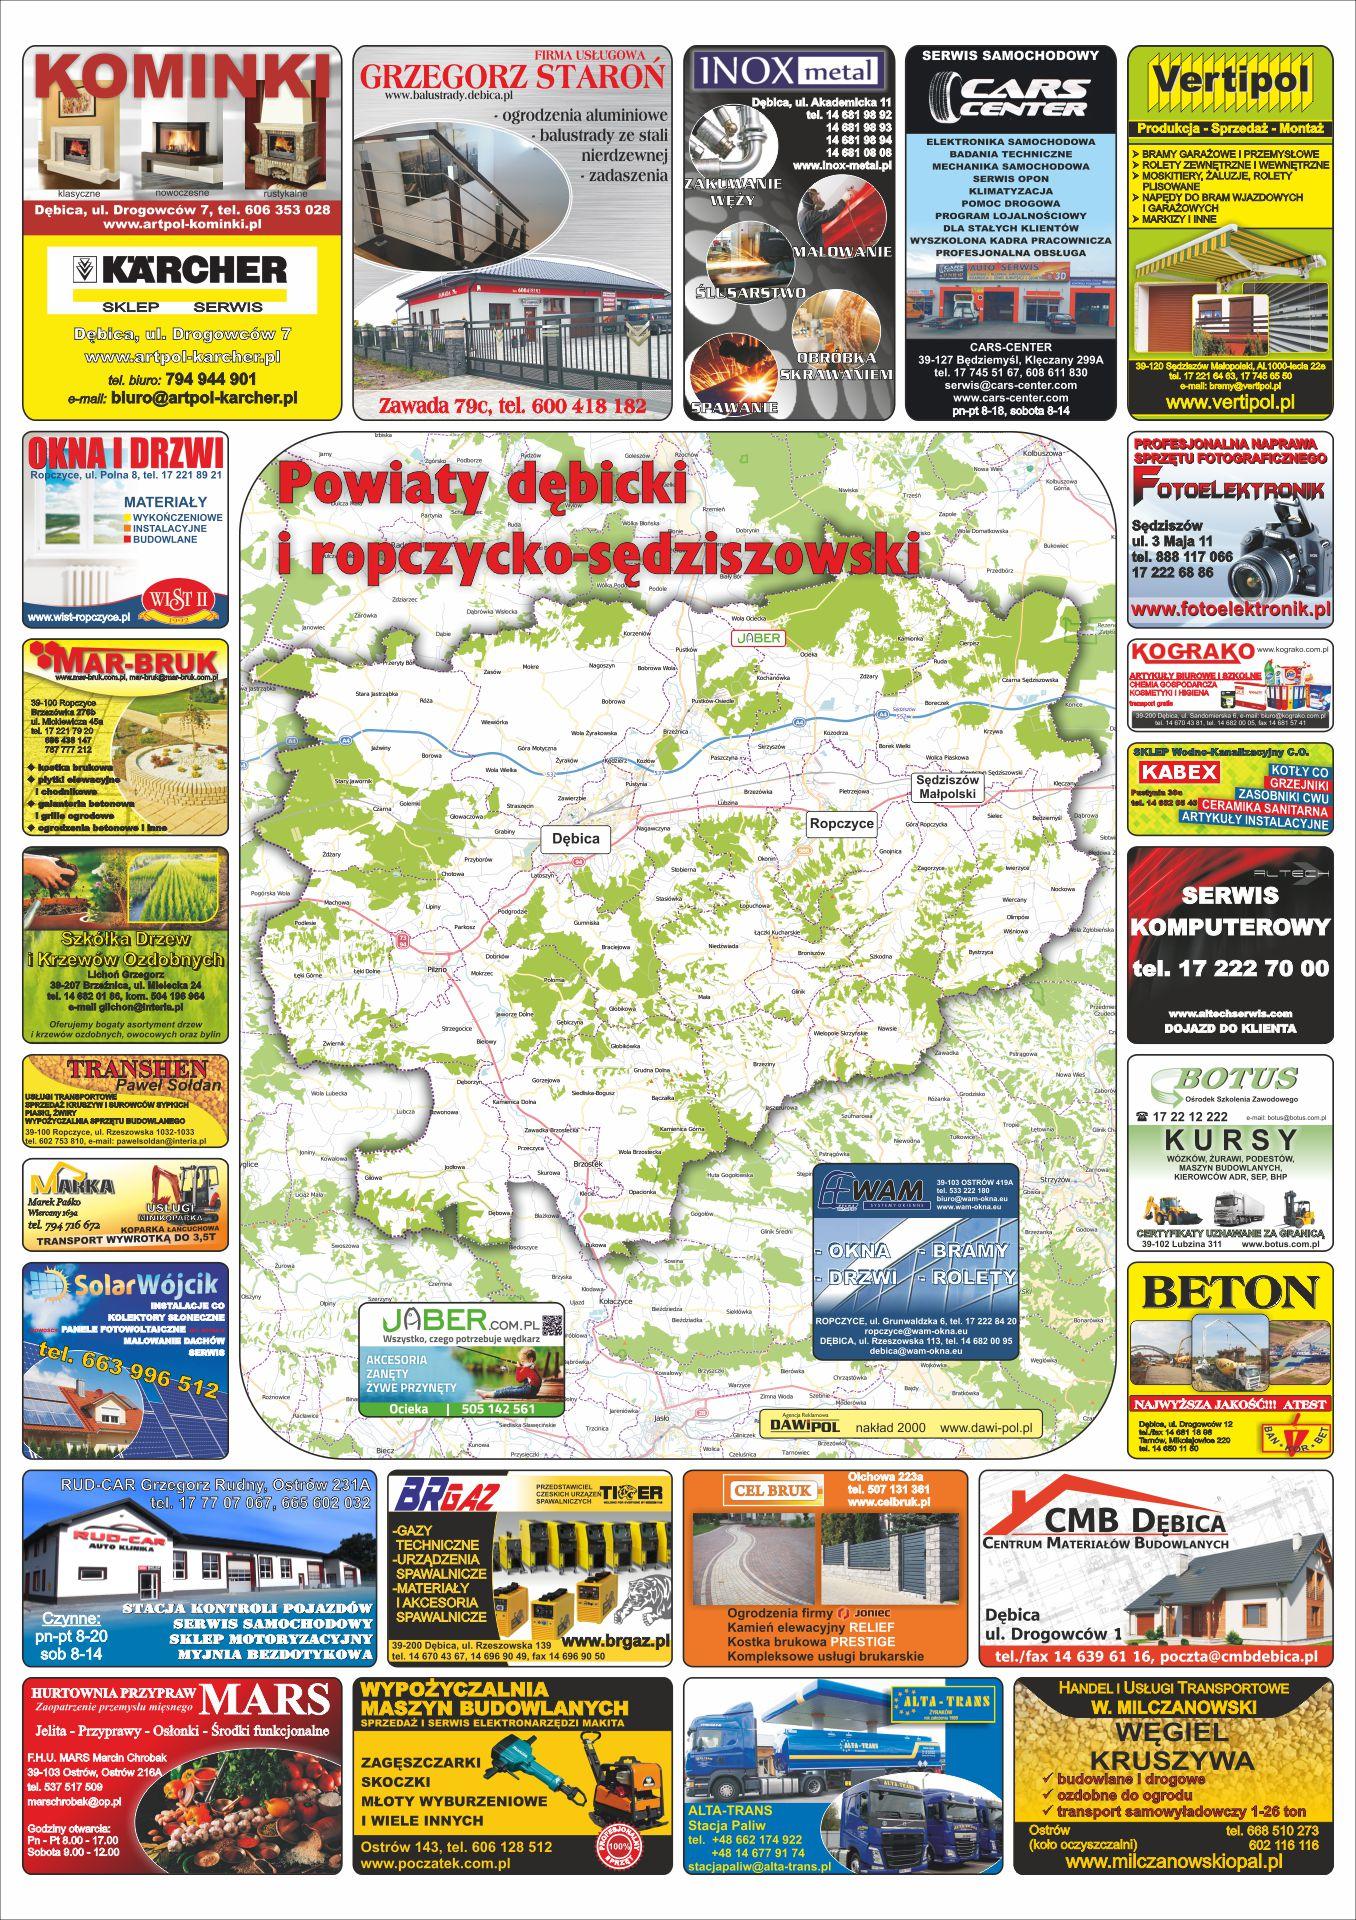 plakaty: mapa dębica